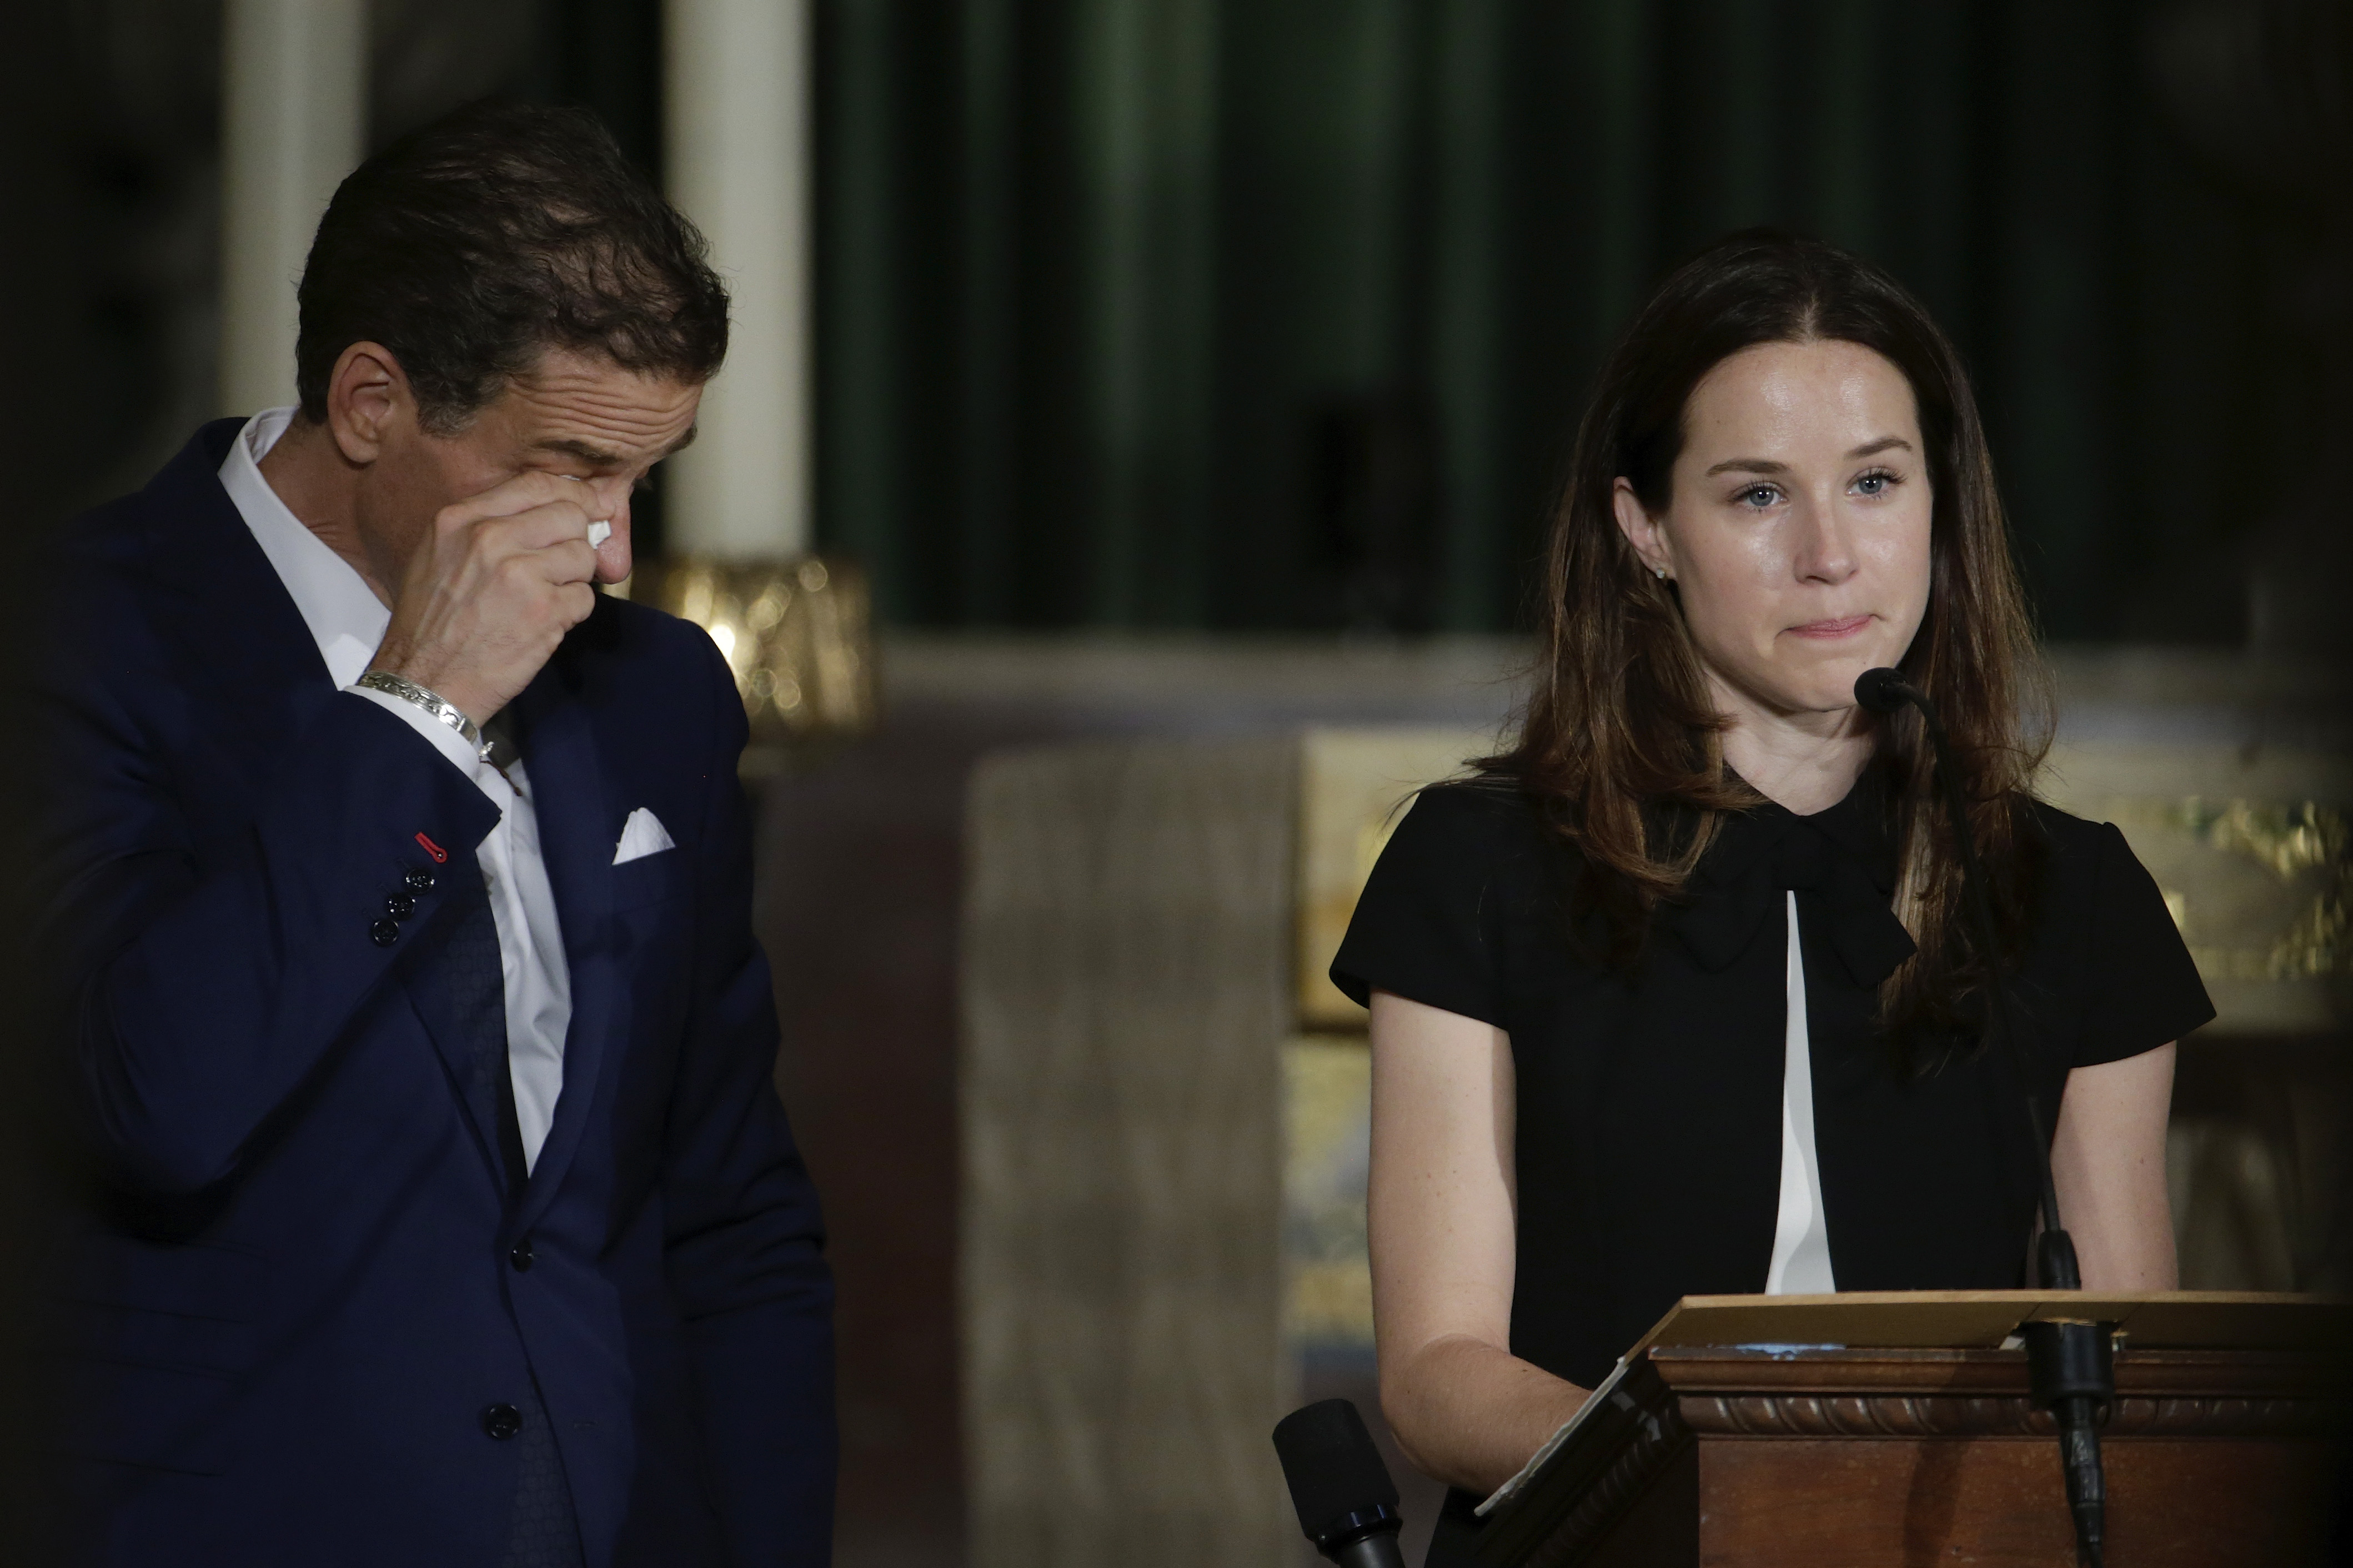 Ashley legge il panegirico del suo fratello Beau prima delle lacrime del cacciatore Biden